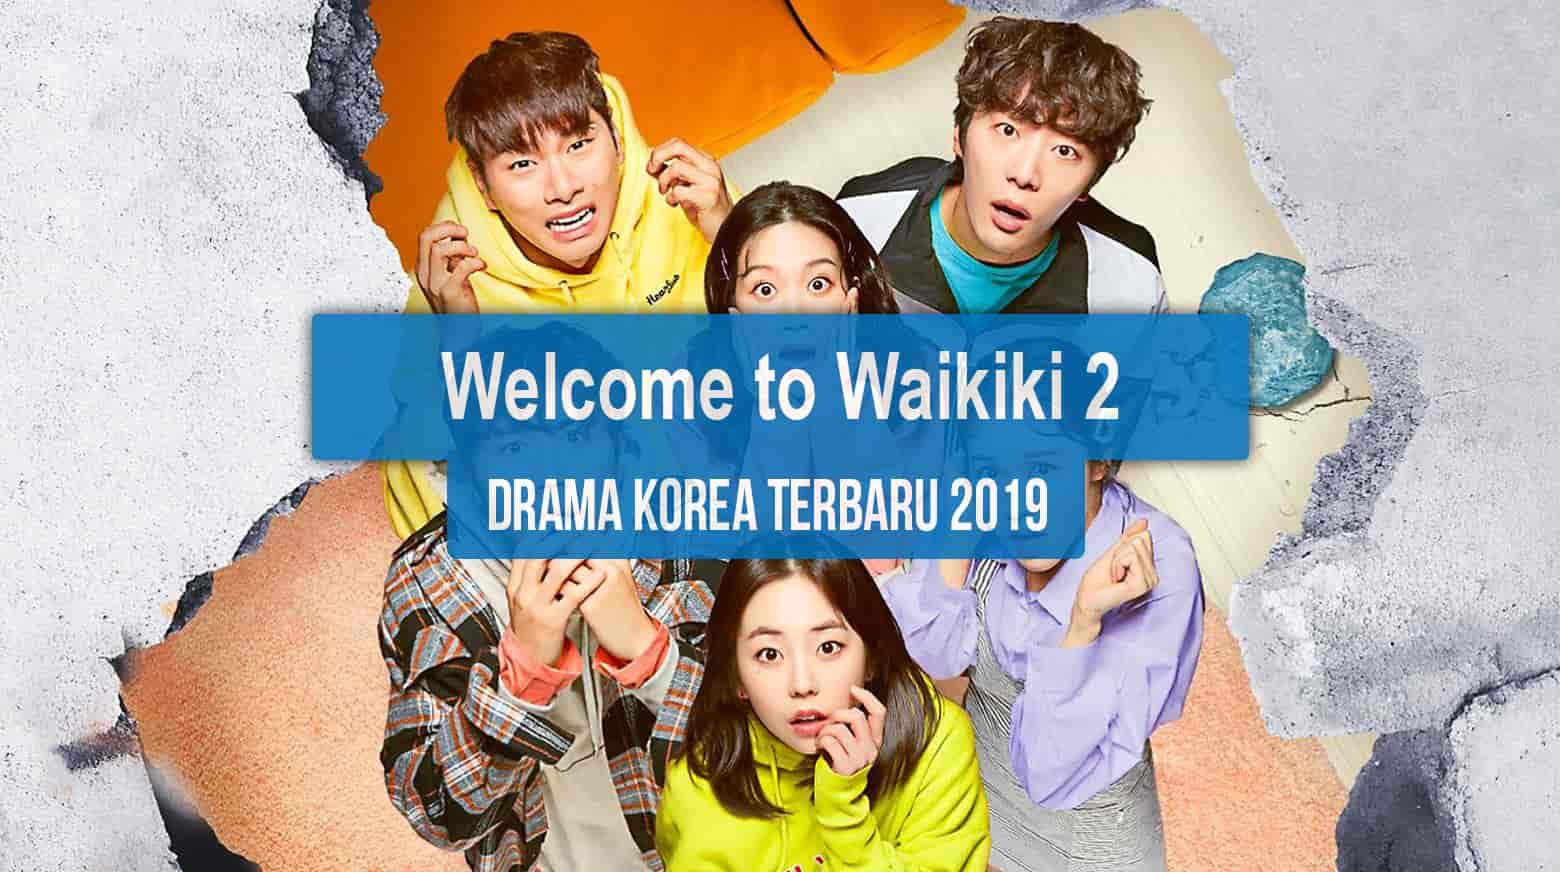 Sinopsis Tanggal Rilis Jadwal Drama Korea Welcome to Waikiki 2 Bahasa Indonesia